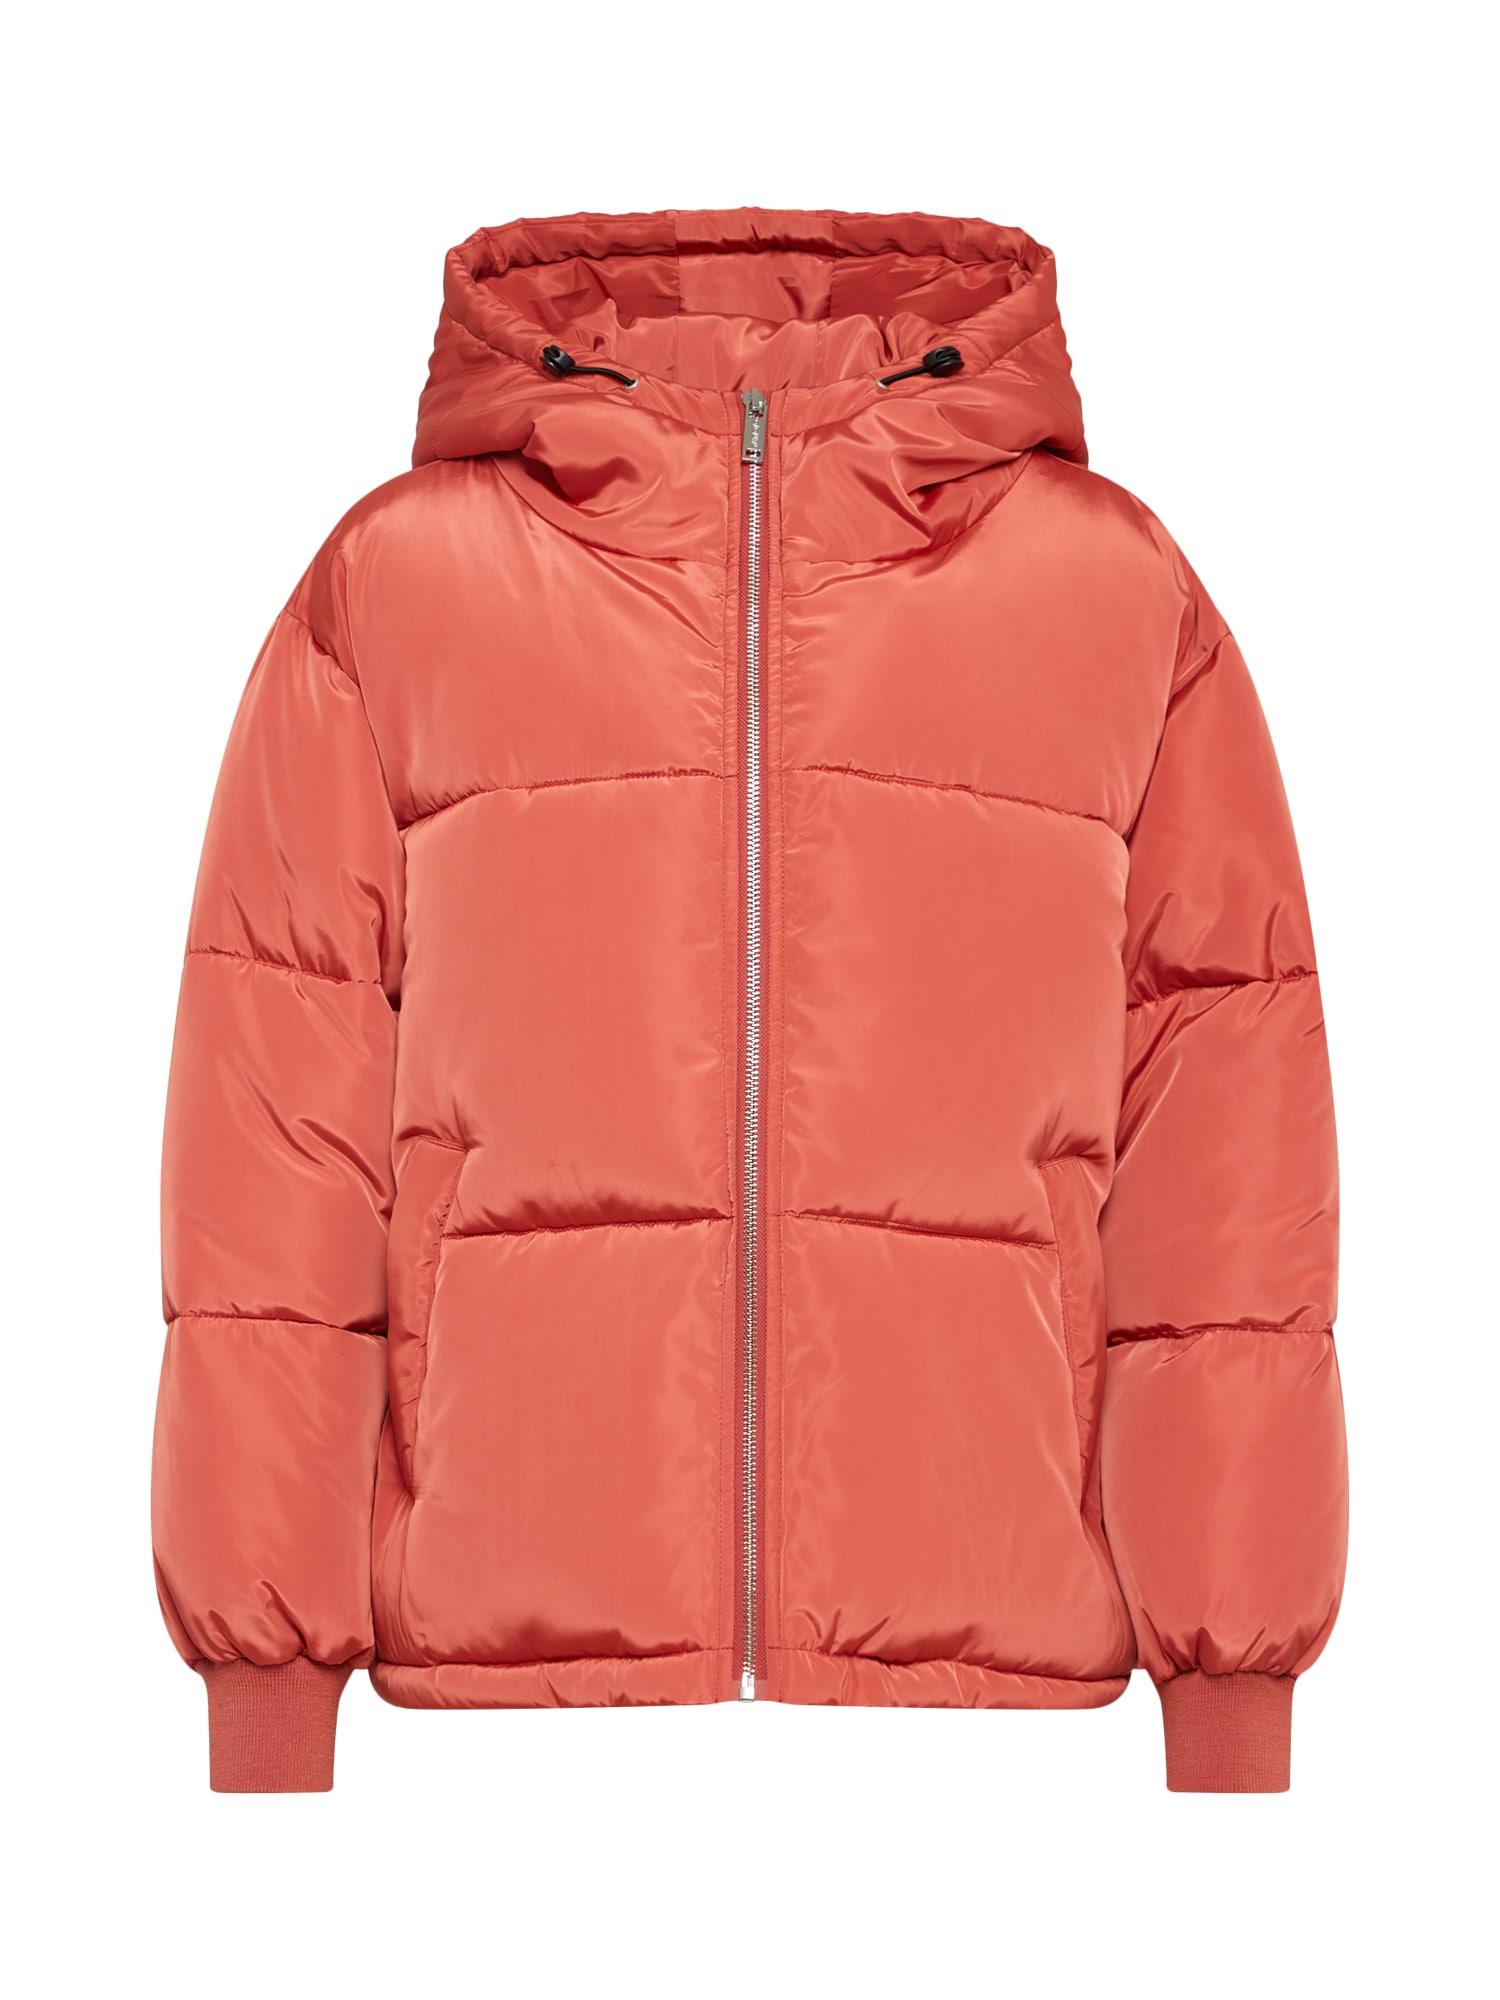 Zimní bunda Beady oranžově červená Wemoto